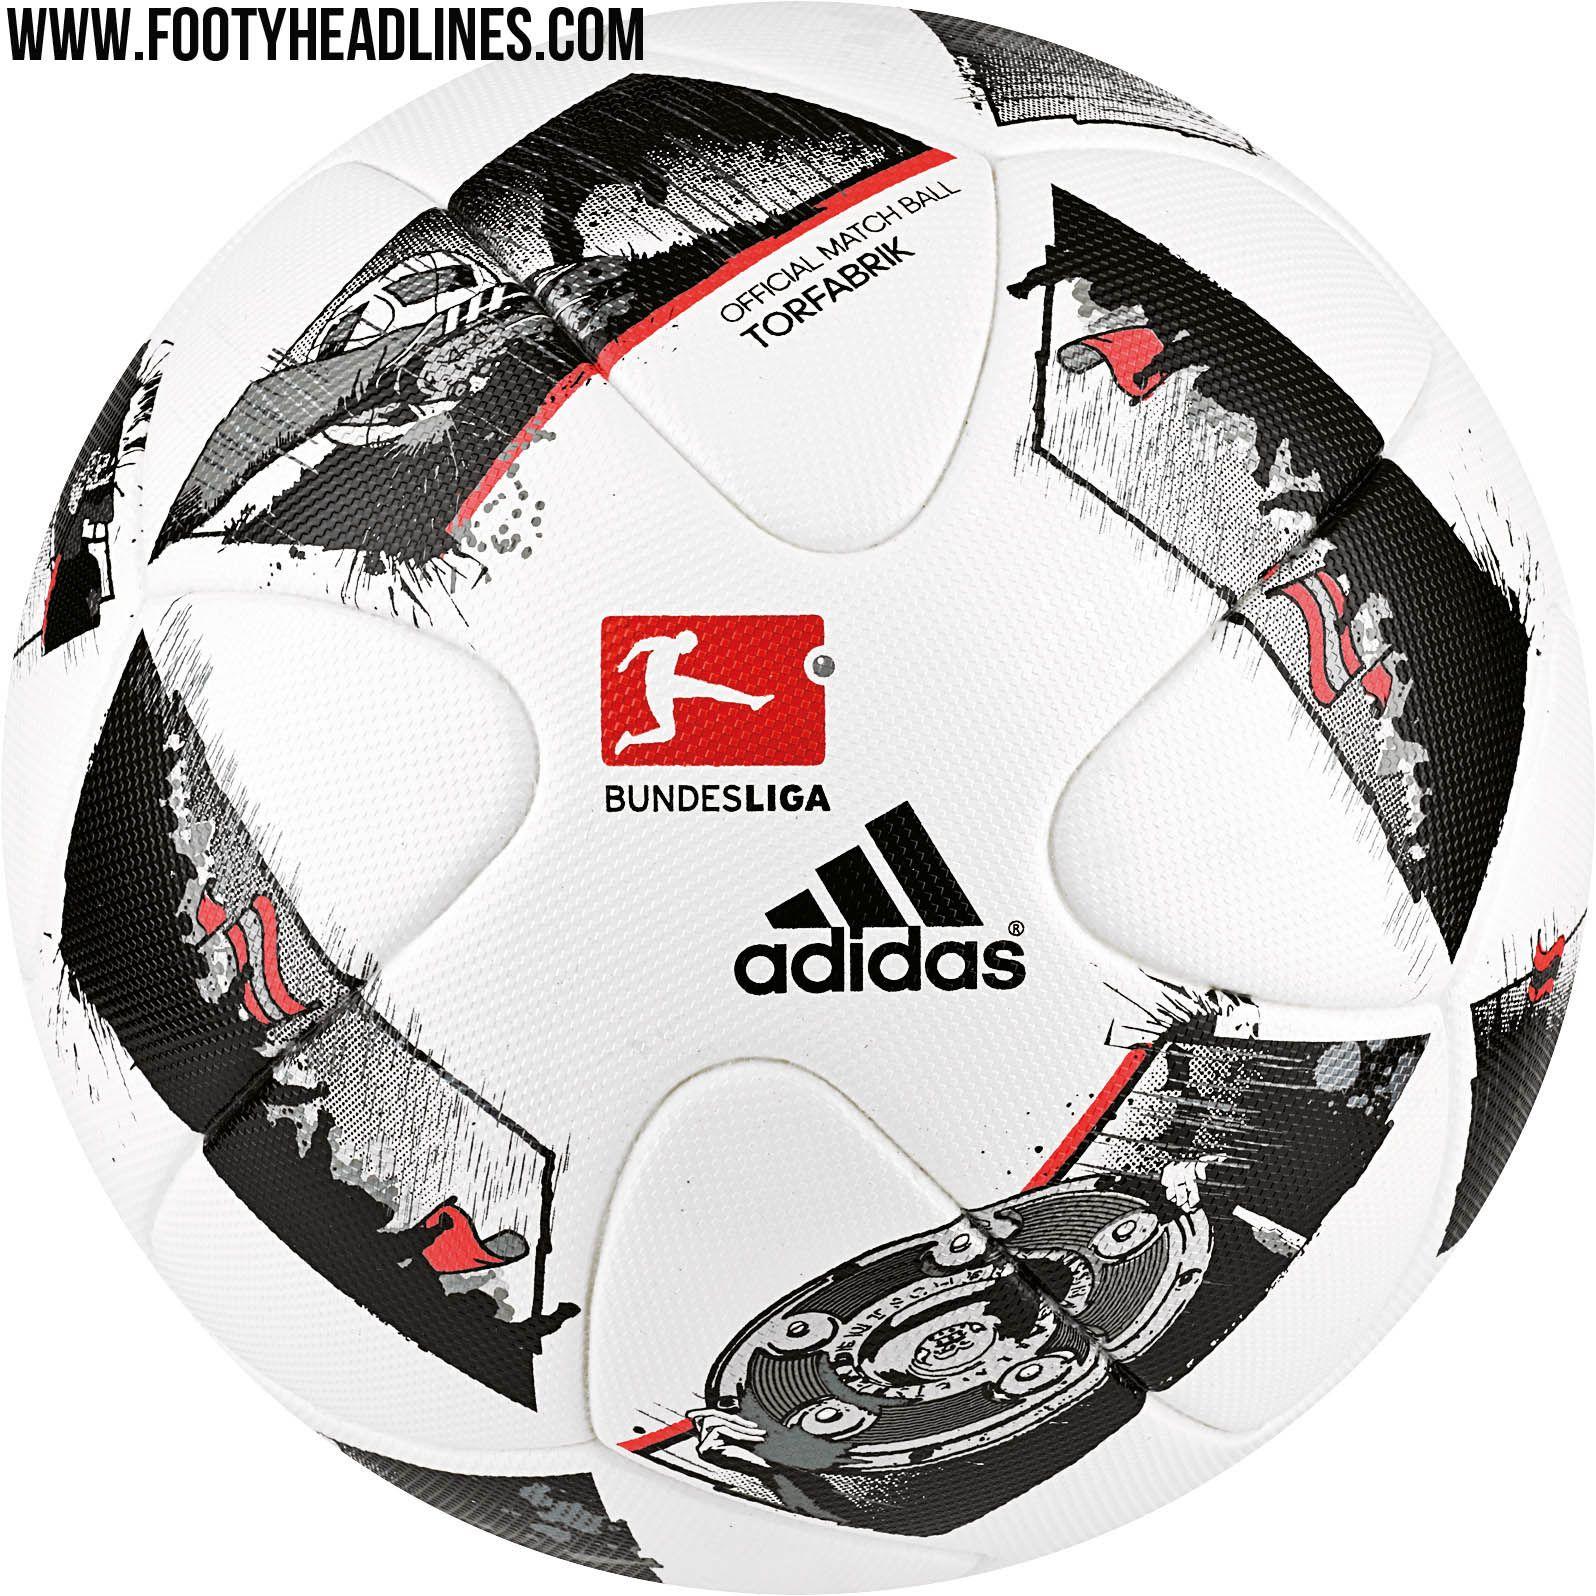 Adidas 16-17 Bundesliga Ball Leaked - Footy Headlines